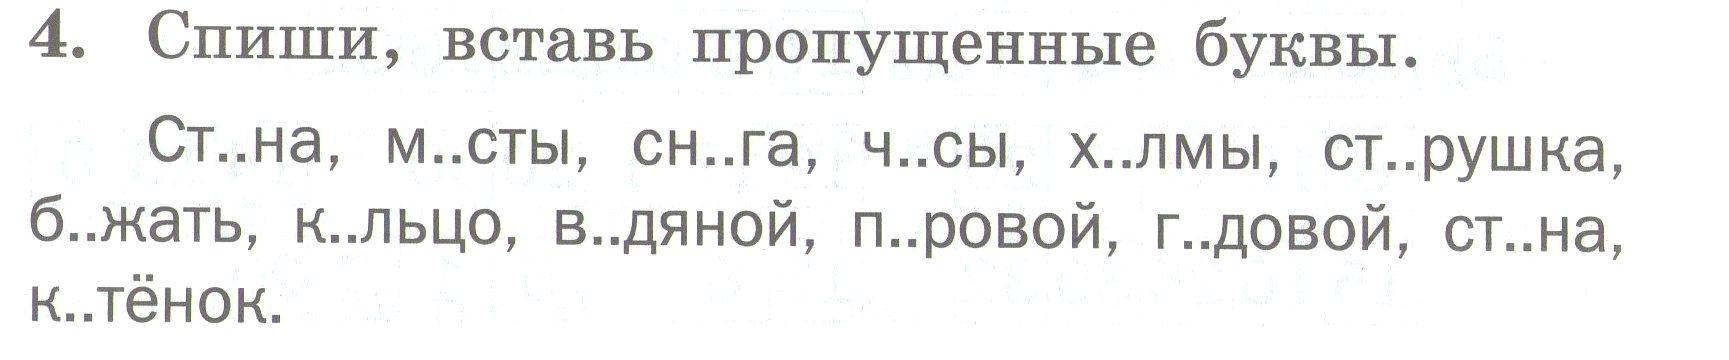 hello_html_535706e5.jpg